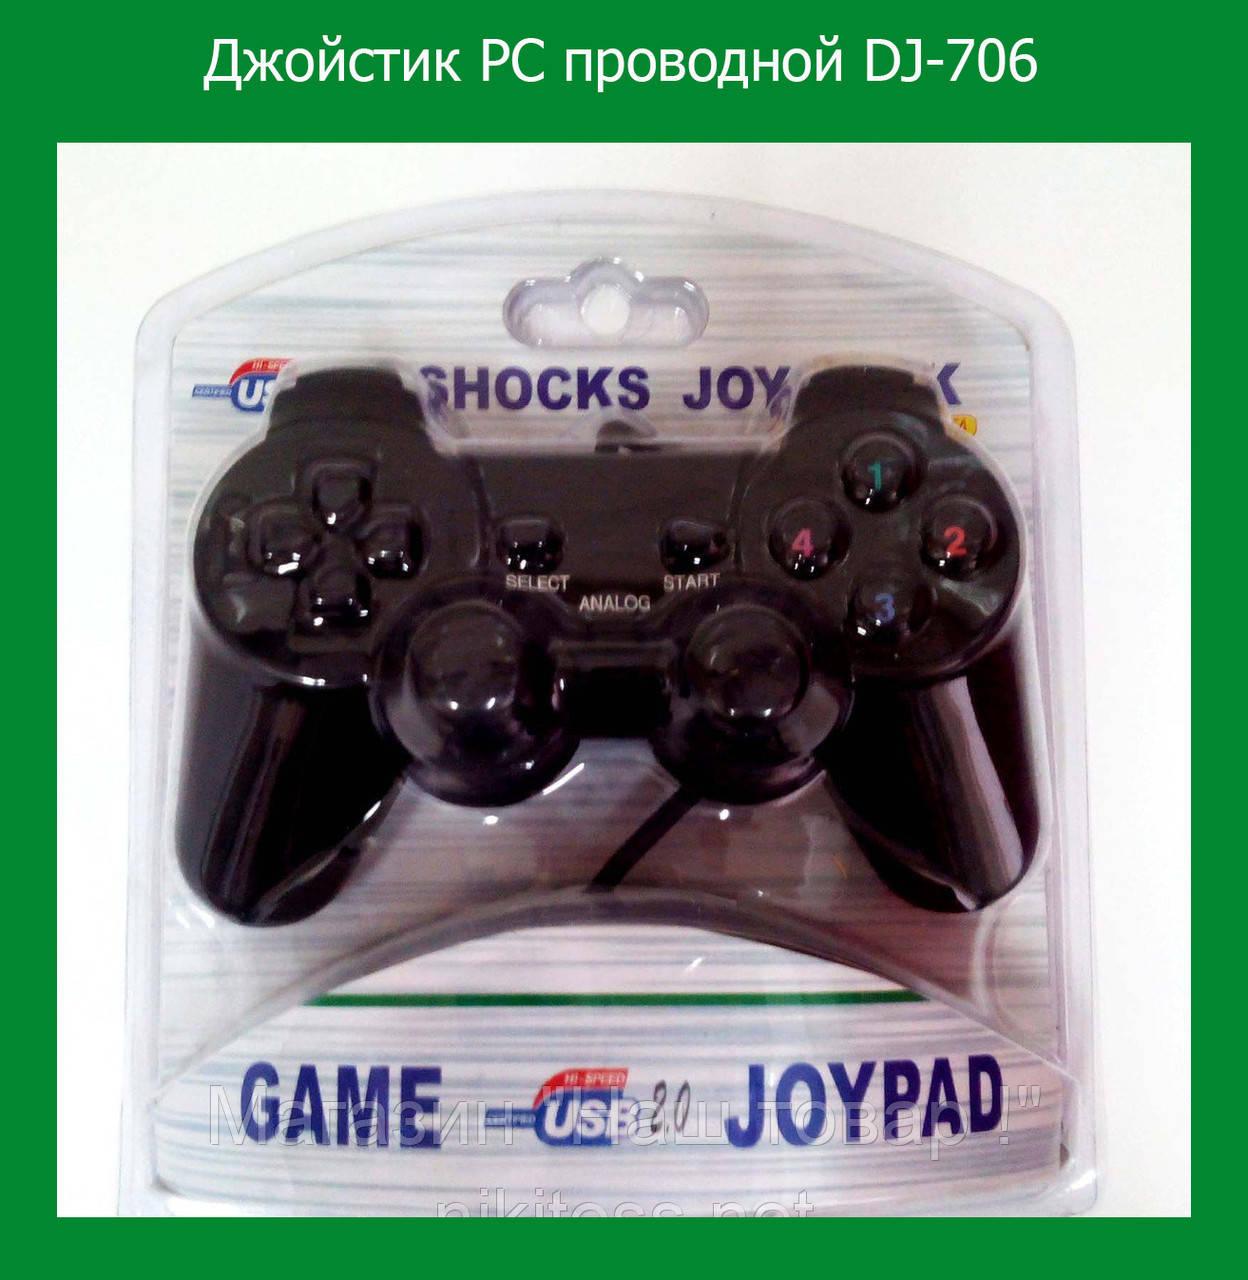 Джойстик PC проводной DJ-706!Акция